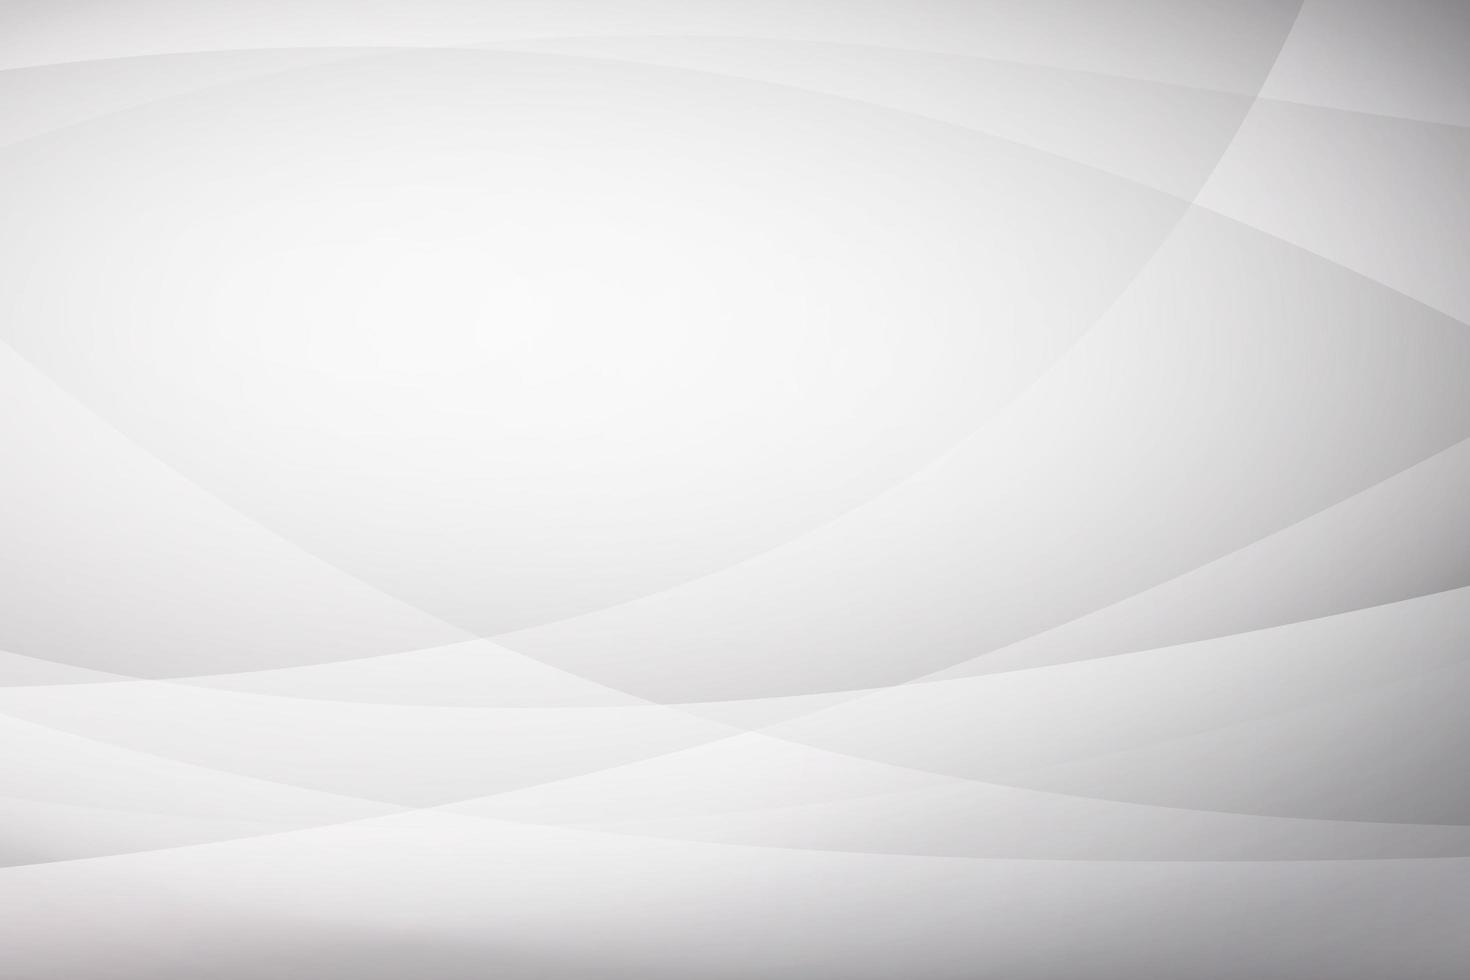 sfondo astratto curva bianca vettore